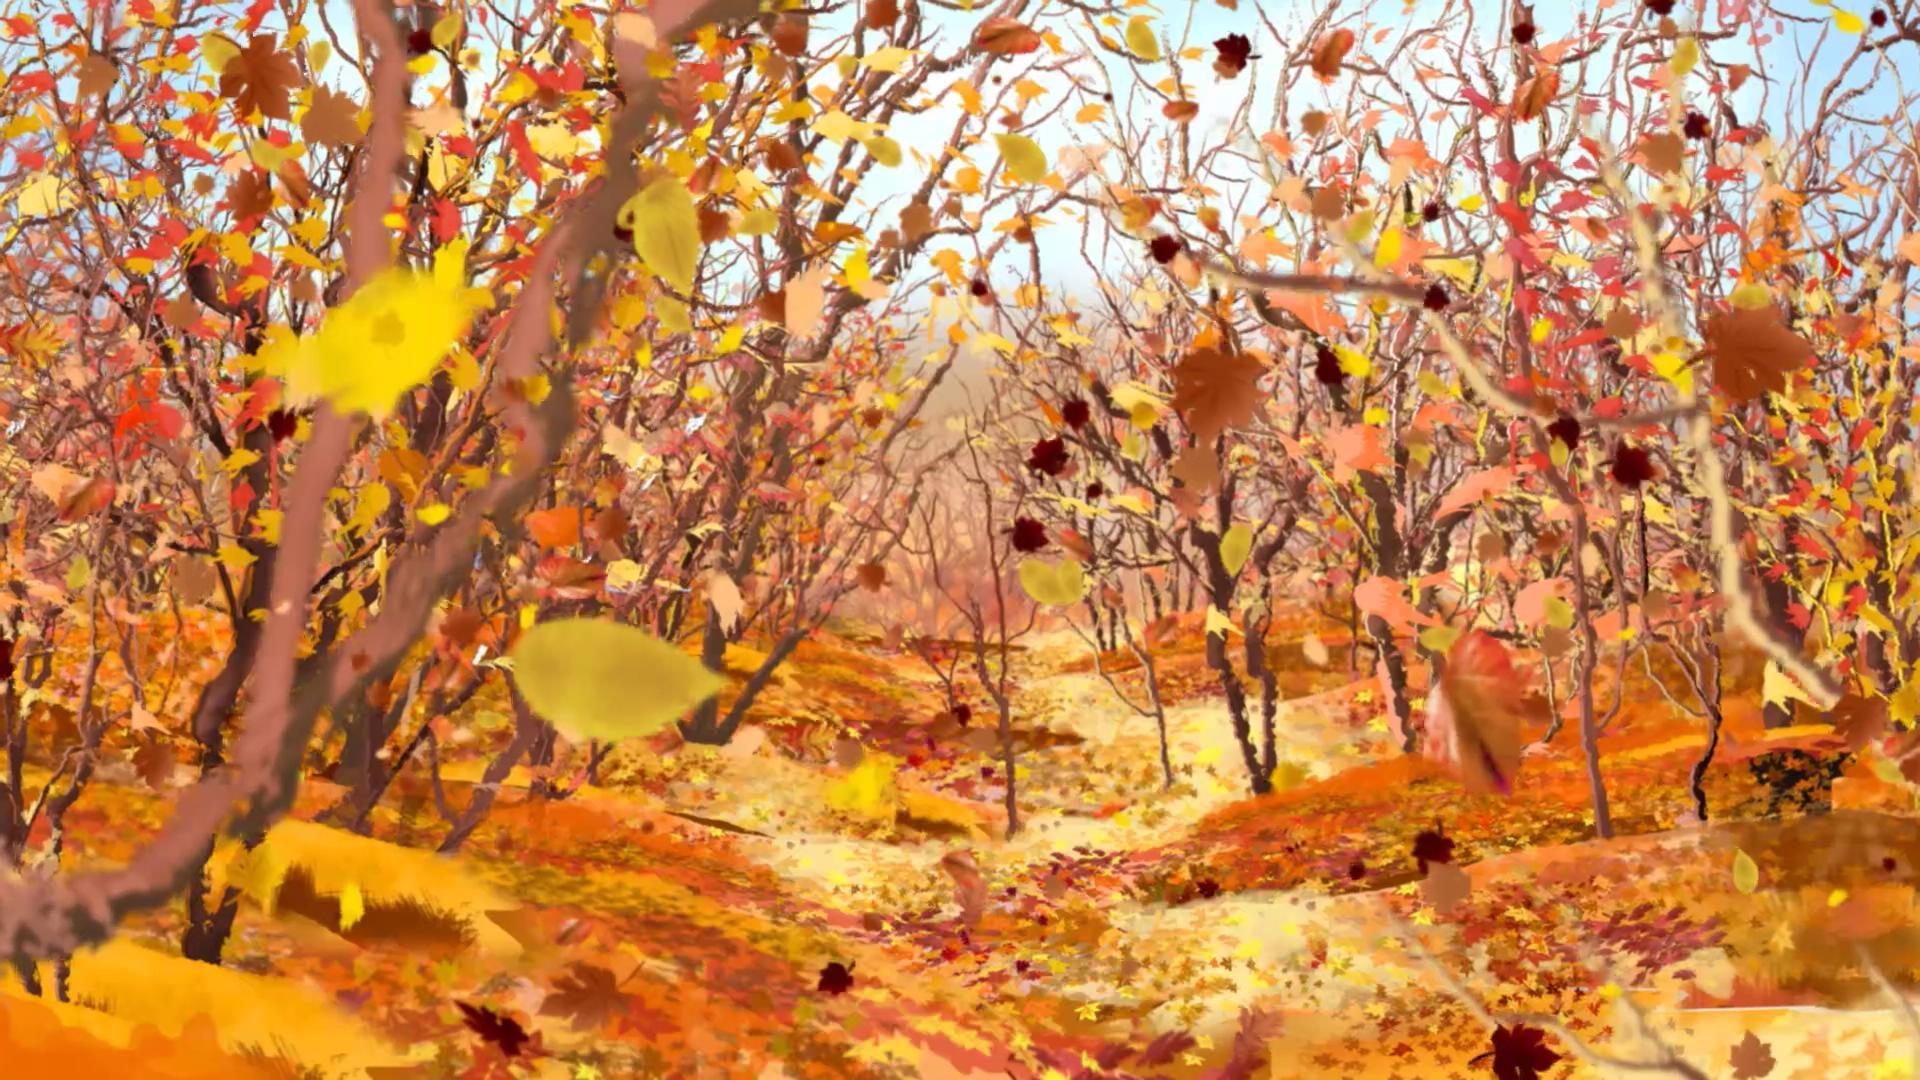 秋天落叶视频素材-秋天落叶视频模板下载-傲视网